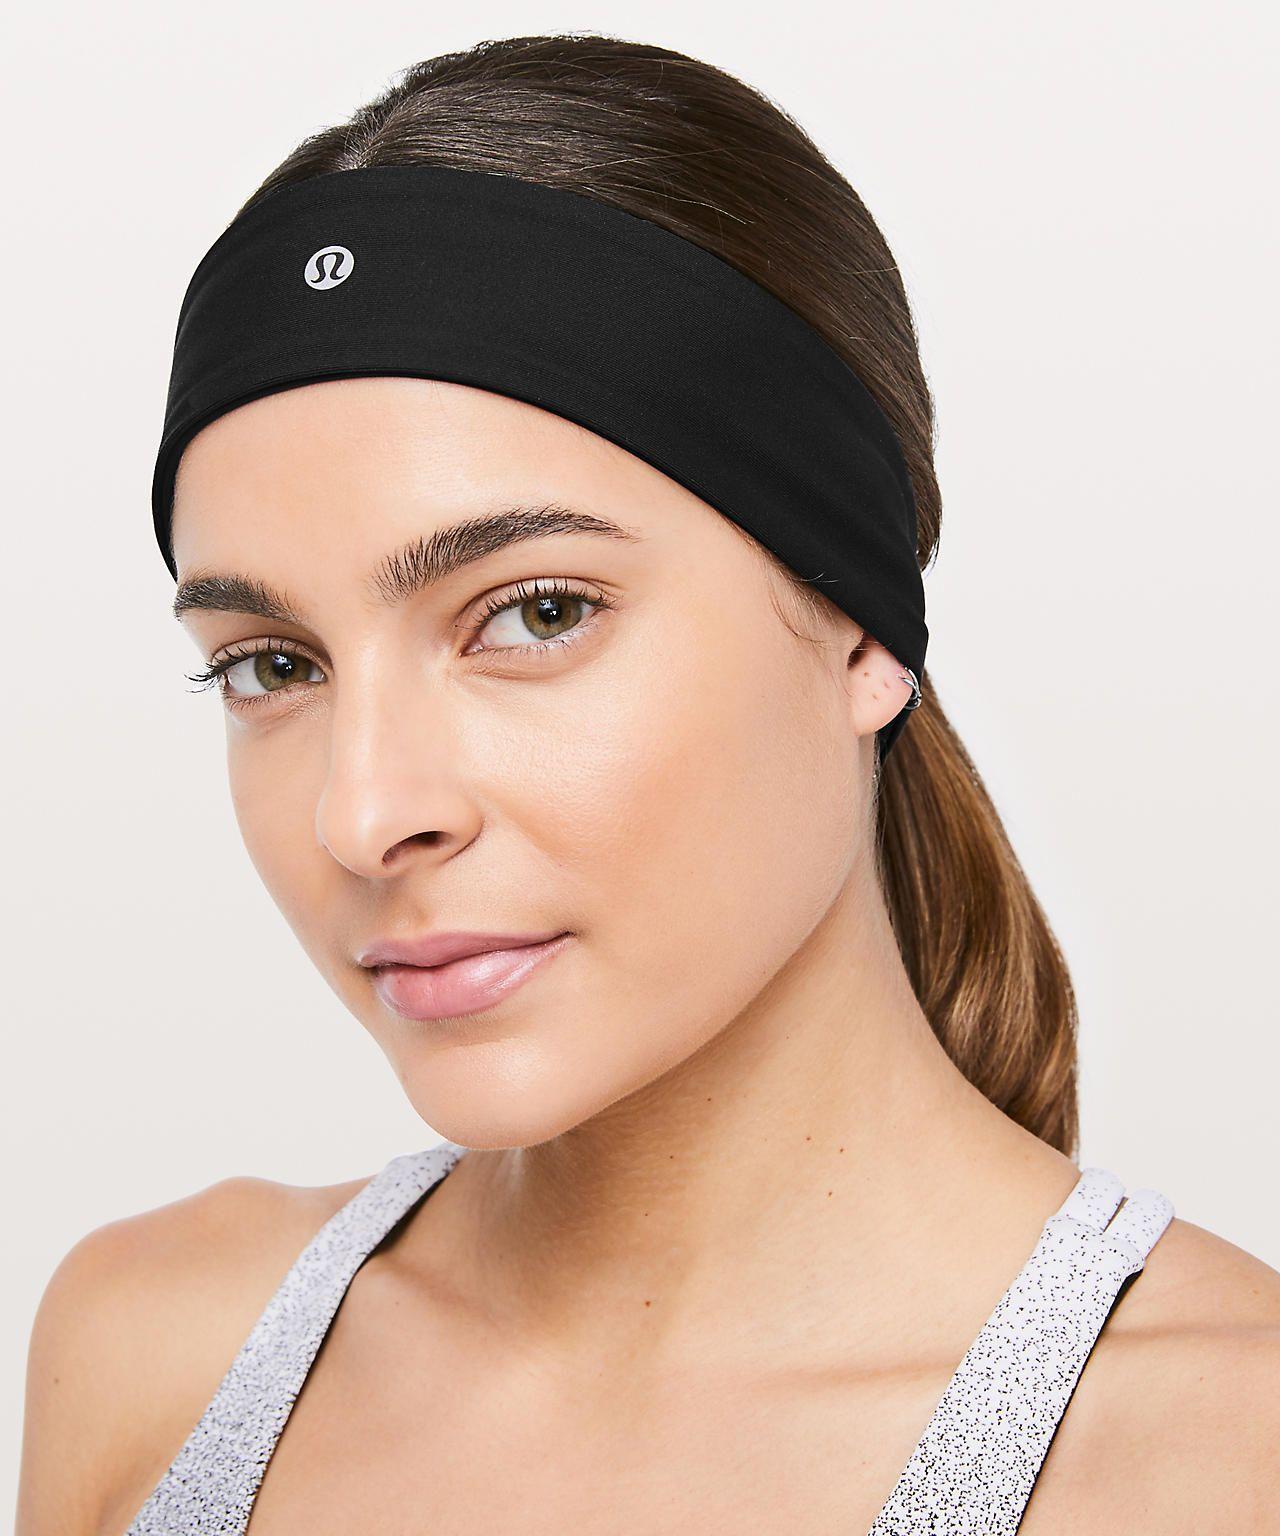 Fly away tamer headband ii womens headbands hats